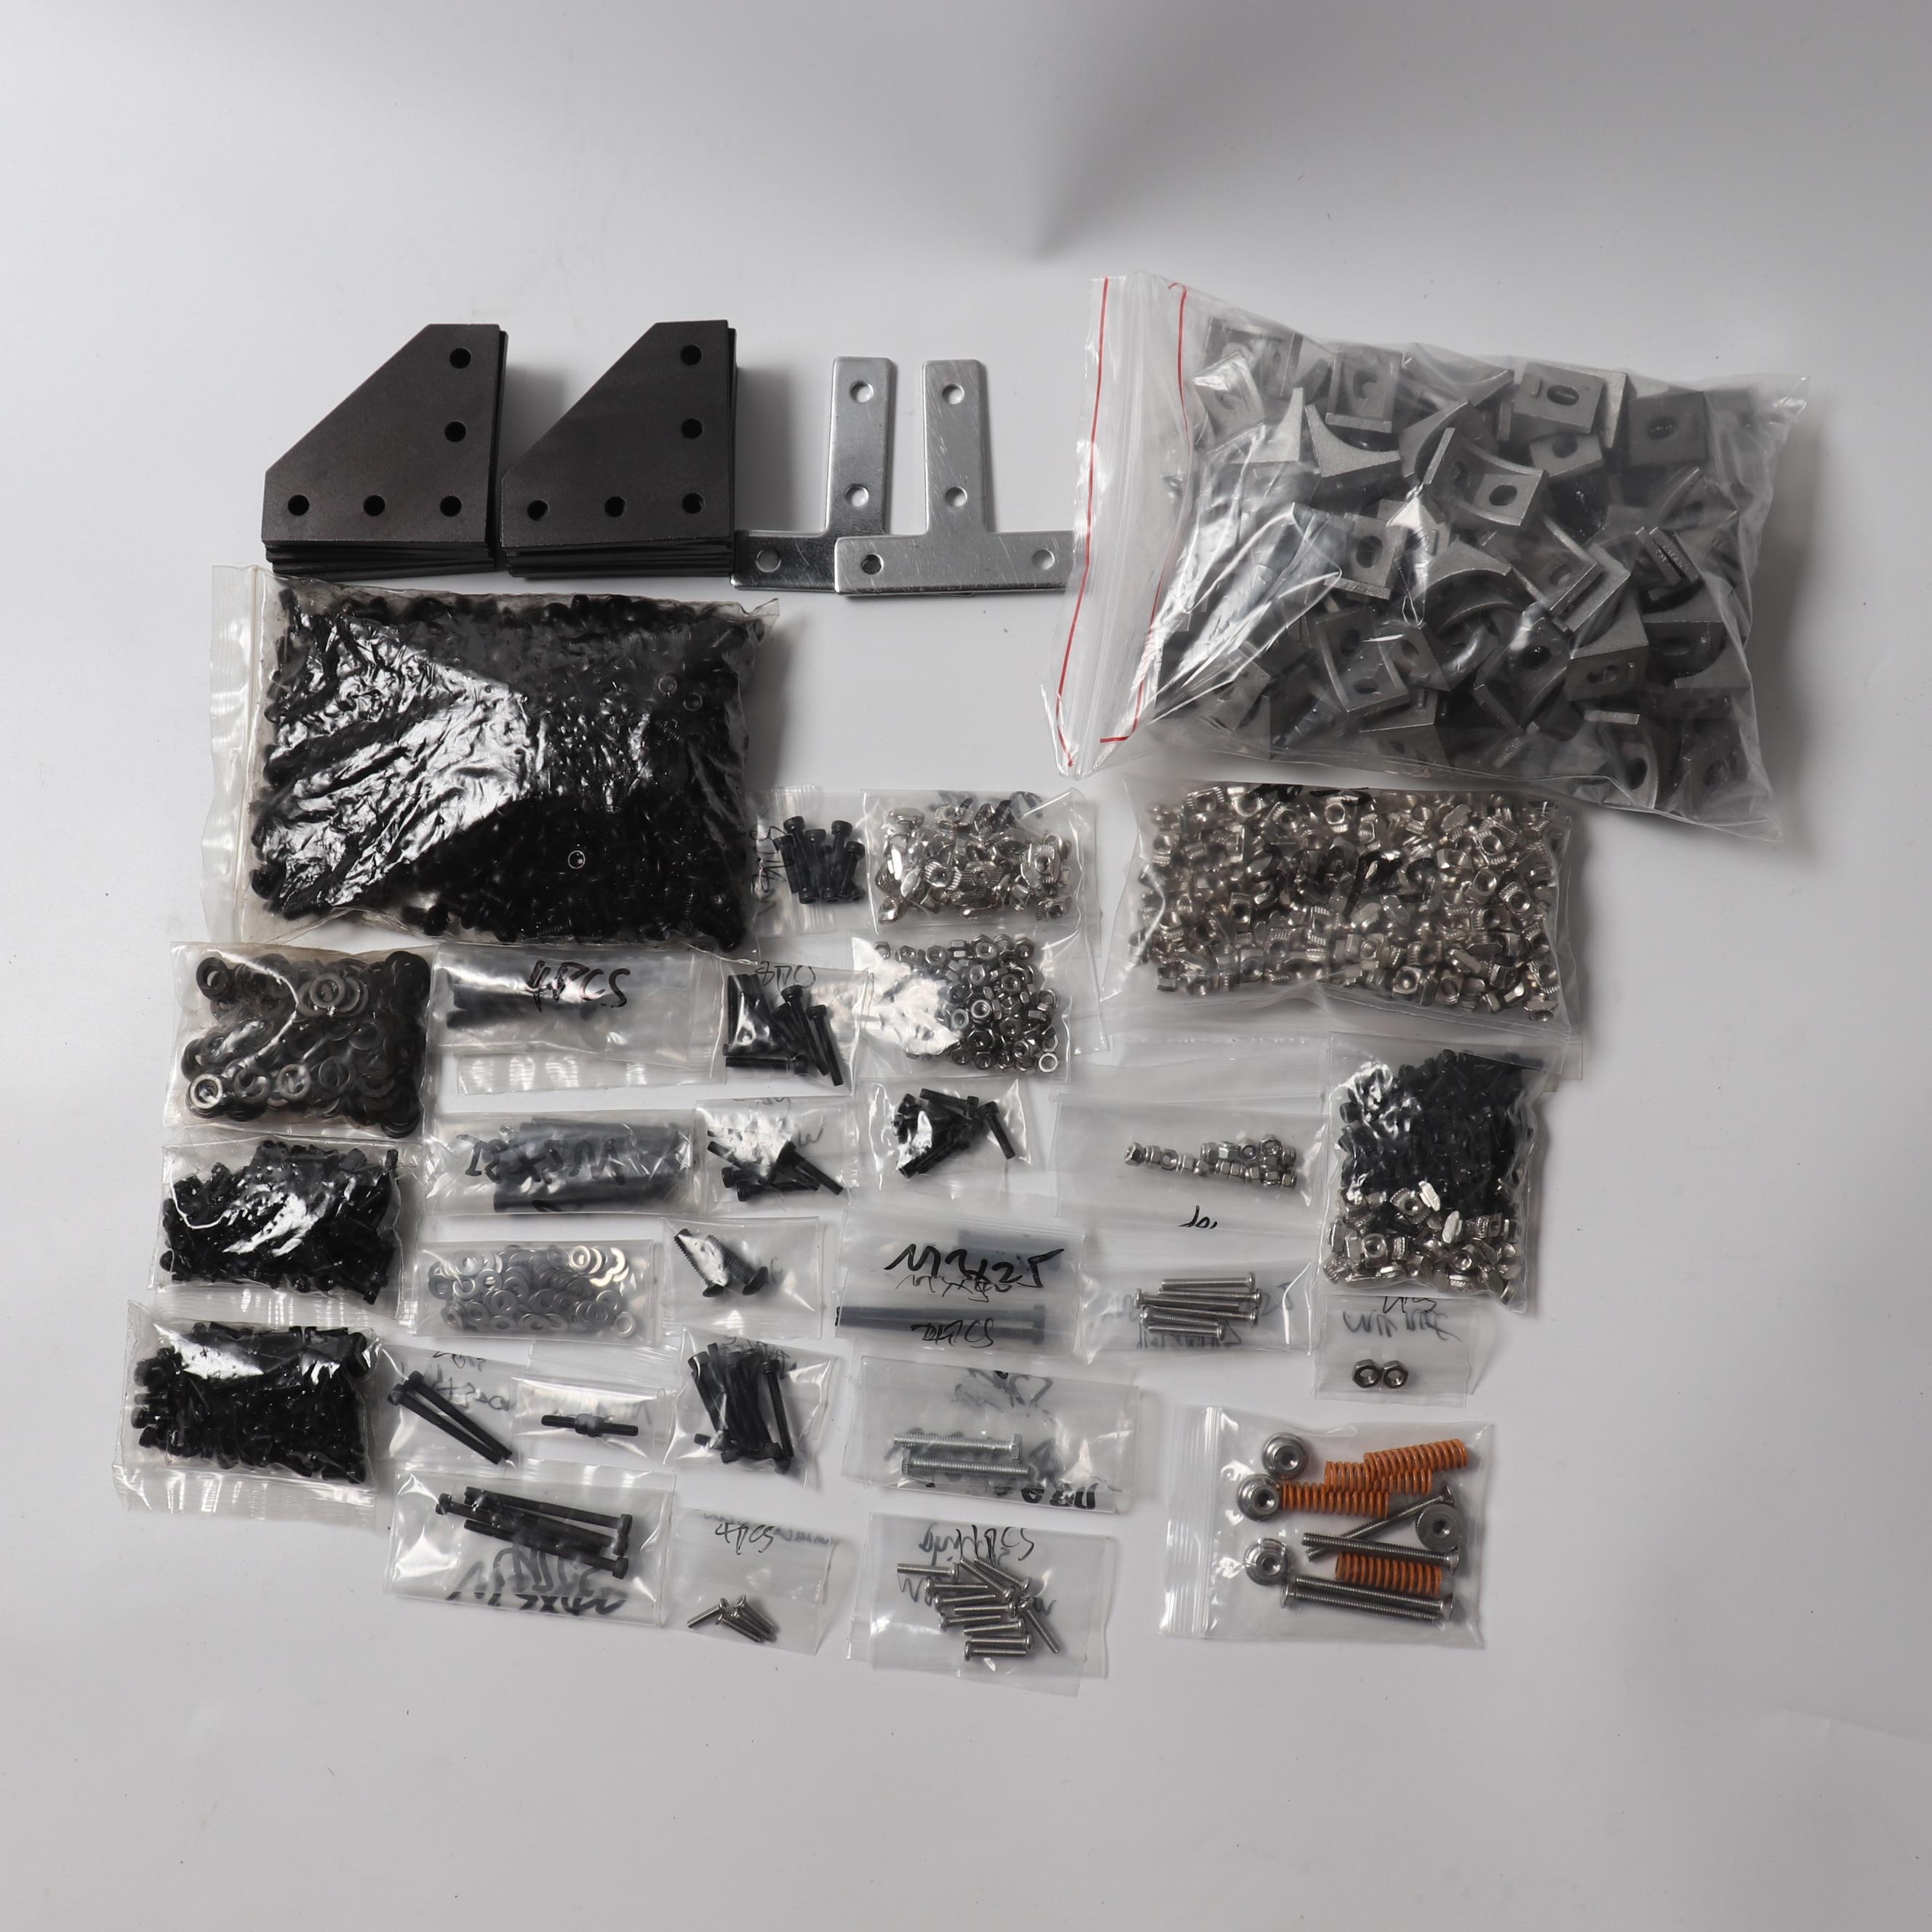 Kit de vis, écrous, équerres et coins complets Blurolls pour imprimante 3d BLV MGN Cube